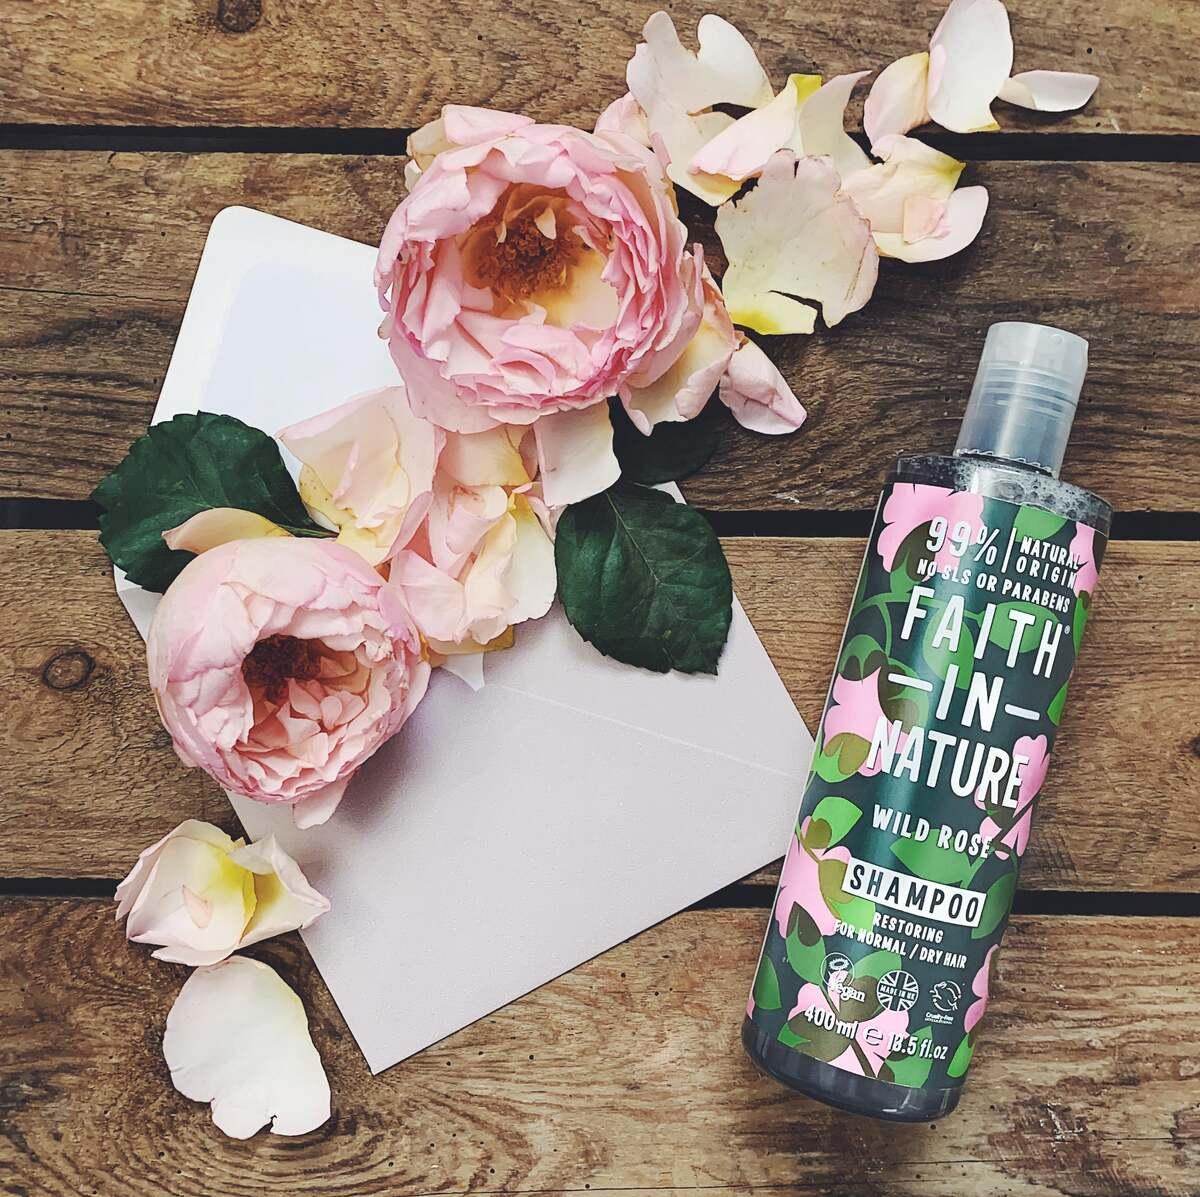 Bild 5 von Faith in Nature Shampoo Wild Rose